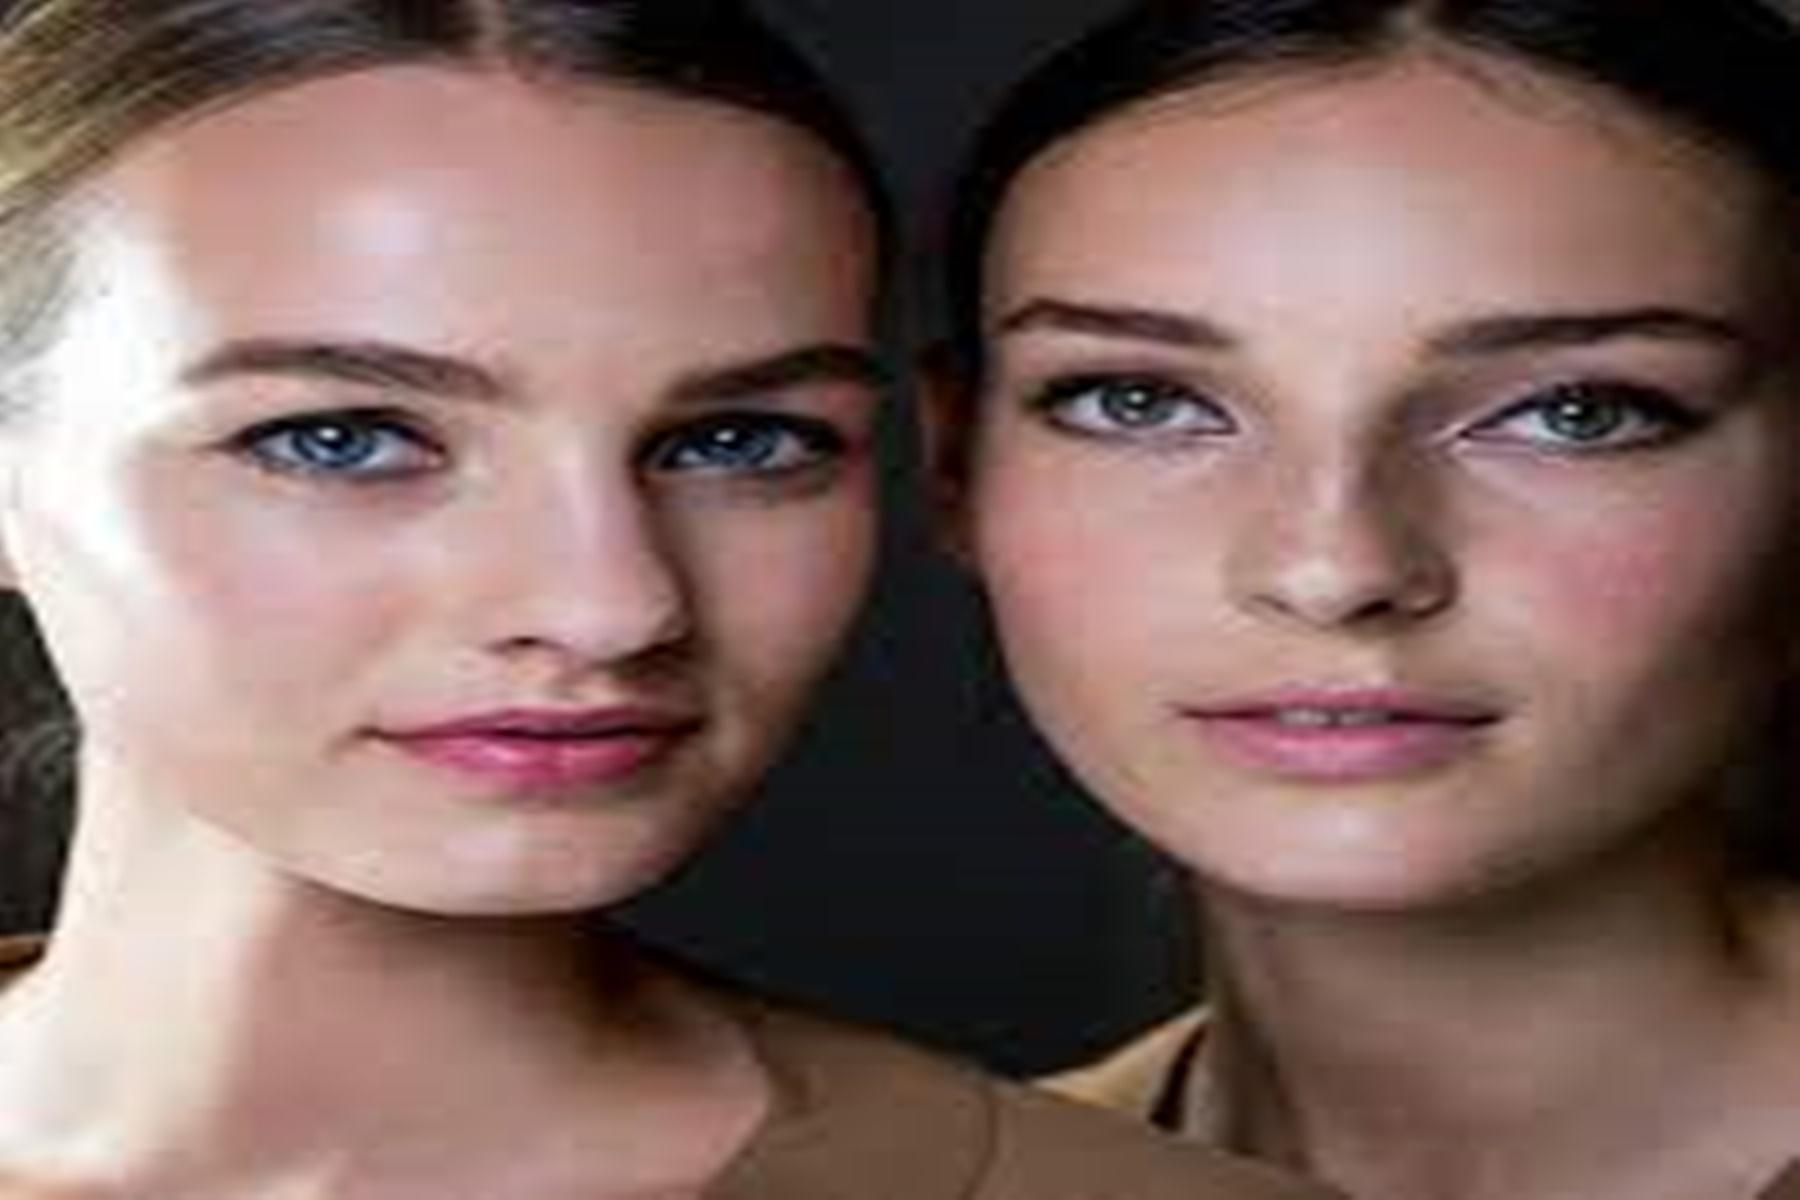 Λιπαρό δέρμα : Θεραπείες να το αντιμετωπίσετε